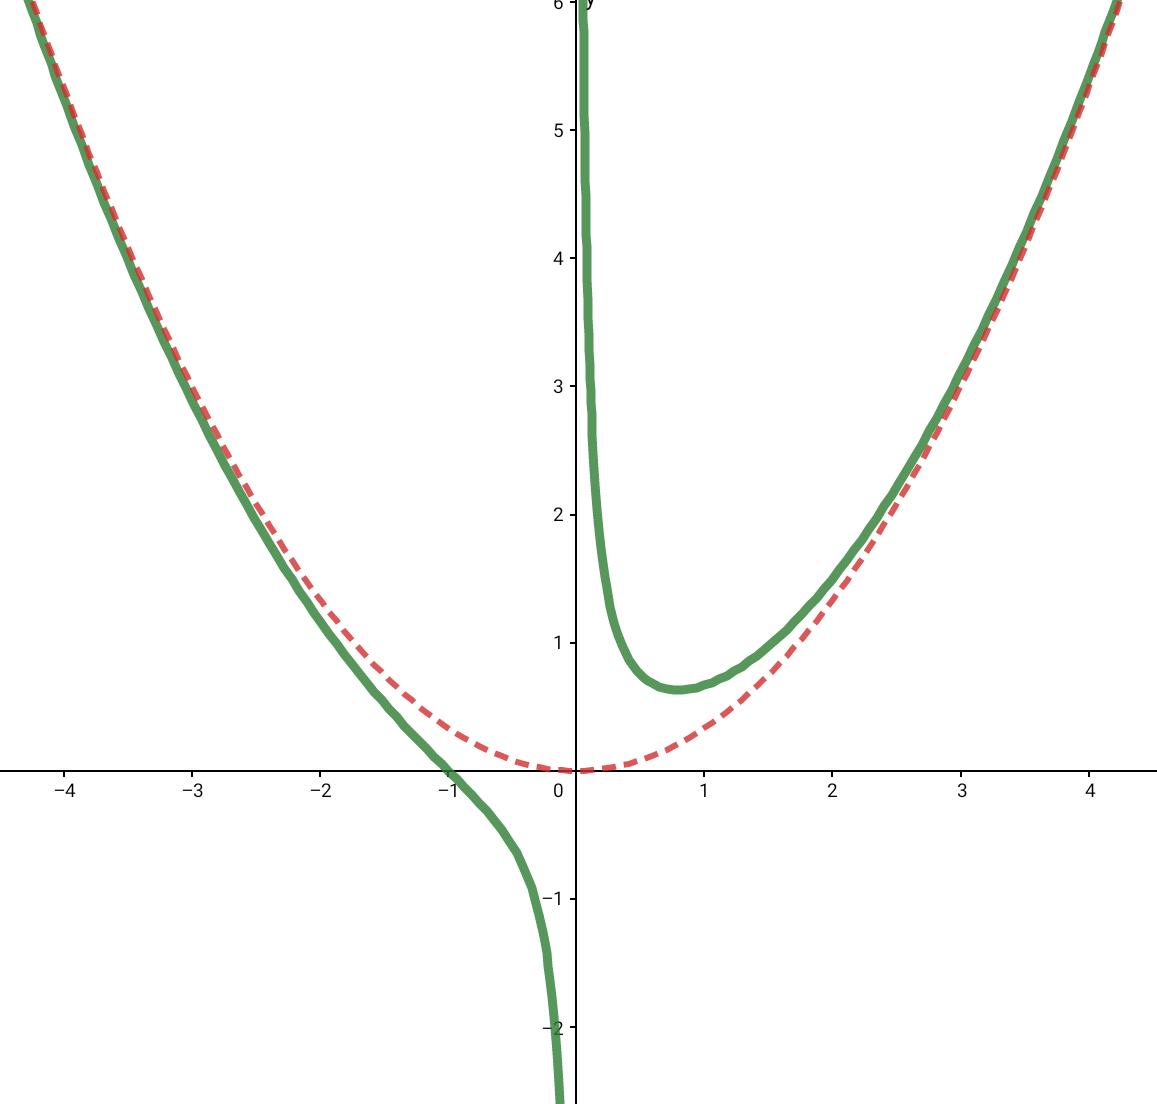 Asymptote Zählergrad größer Nennergrad + 1